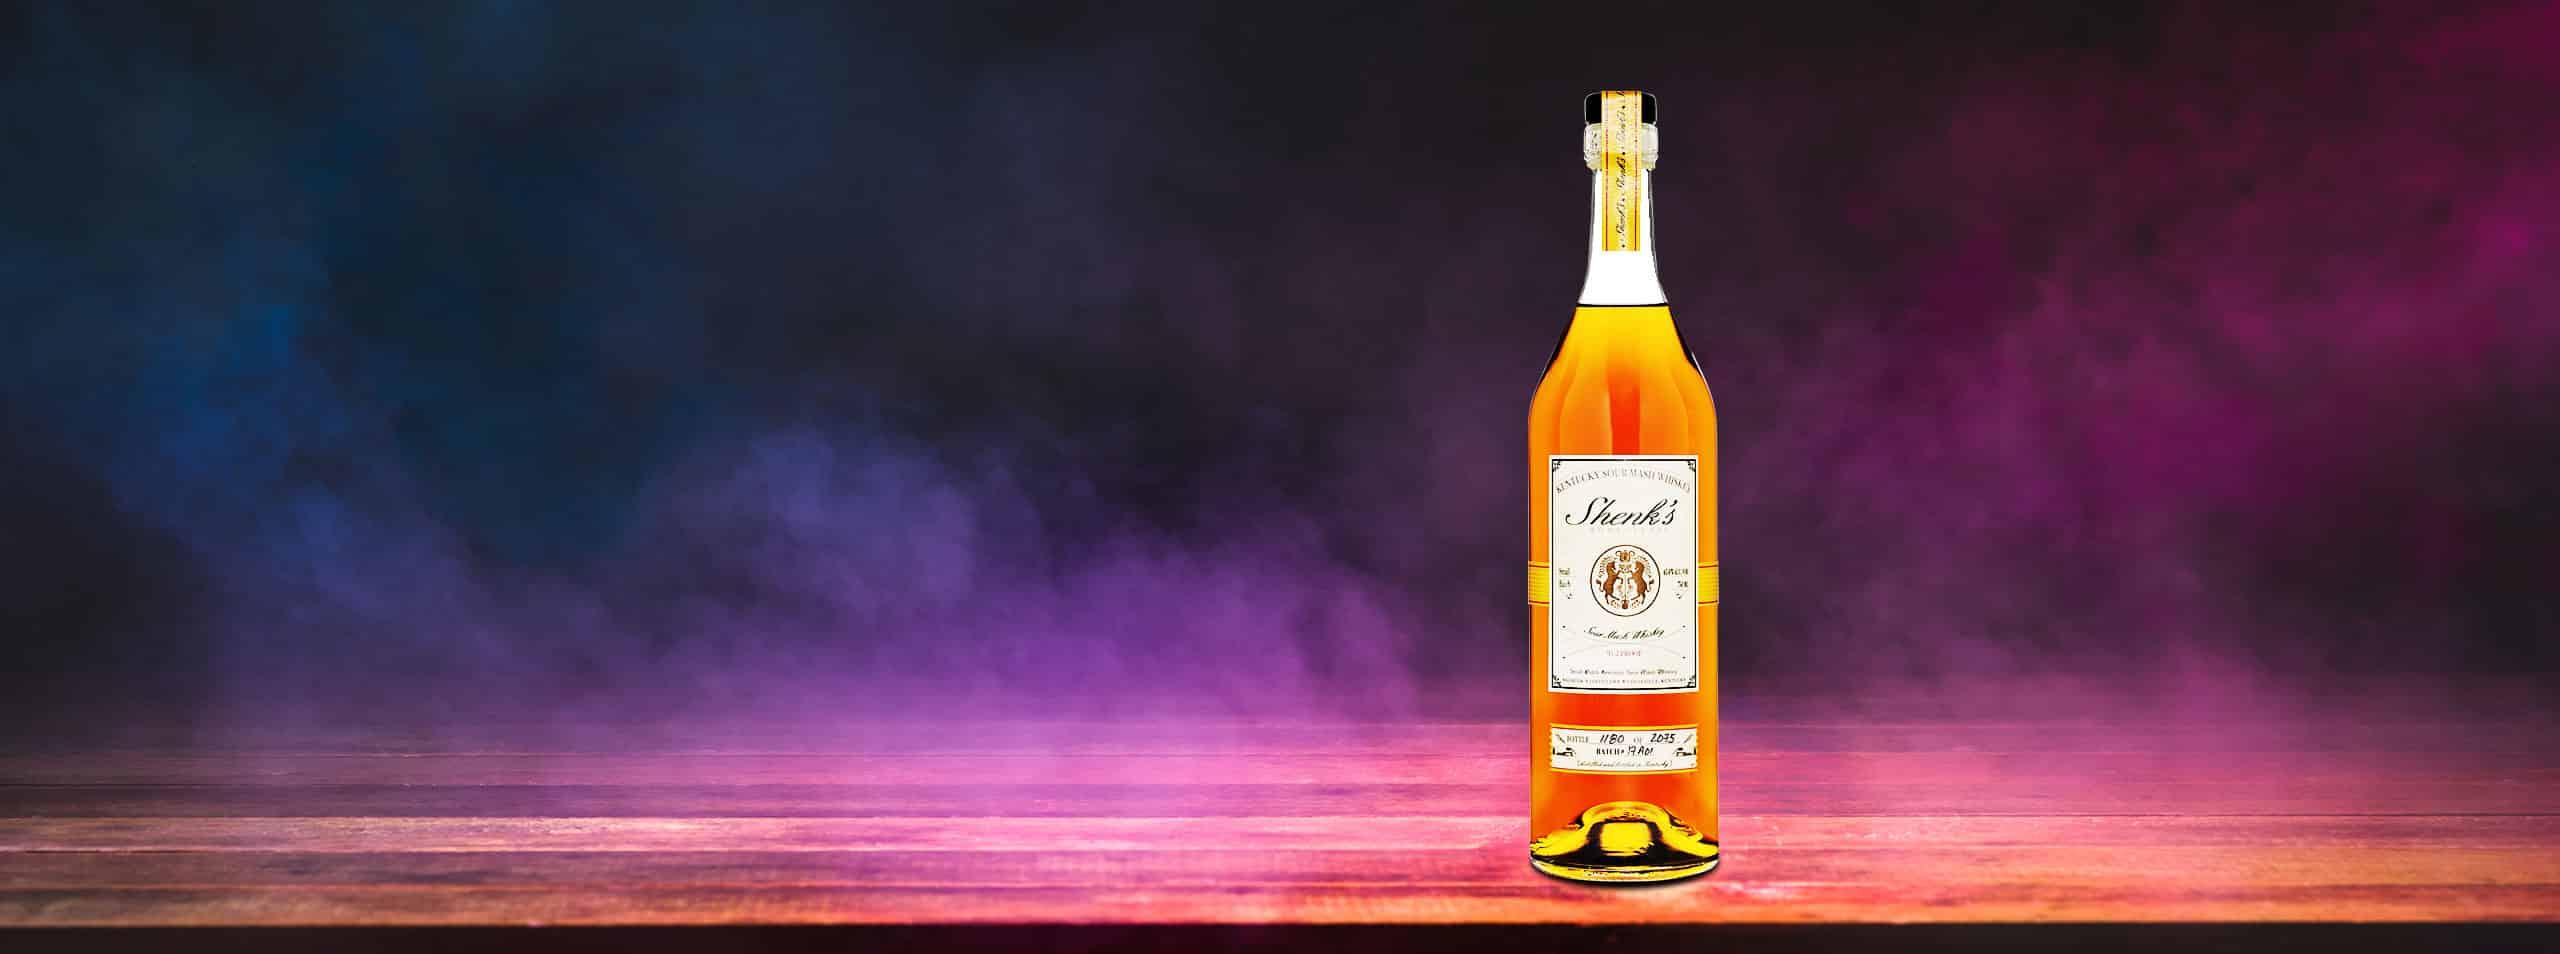 Shenks Bourbon